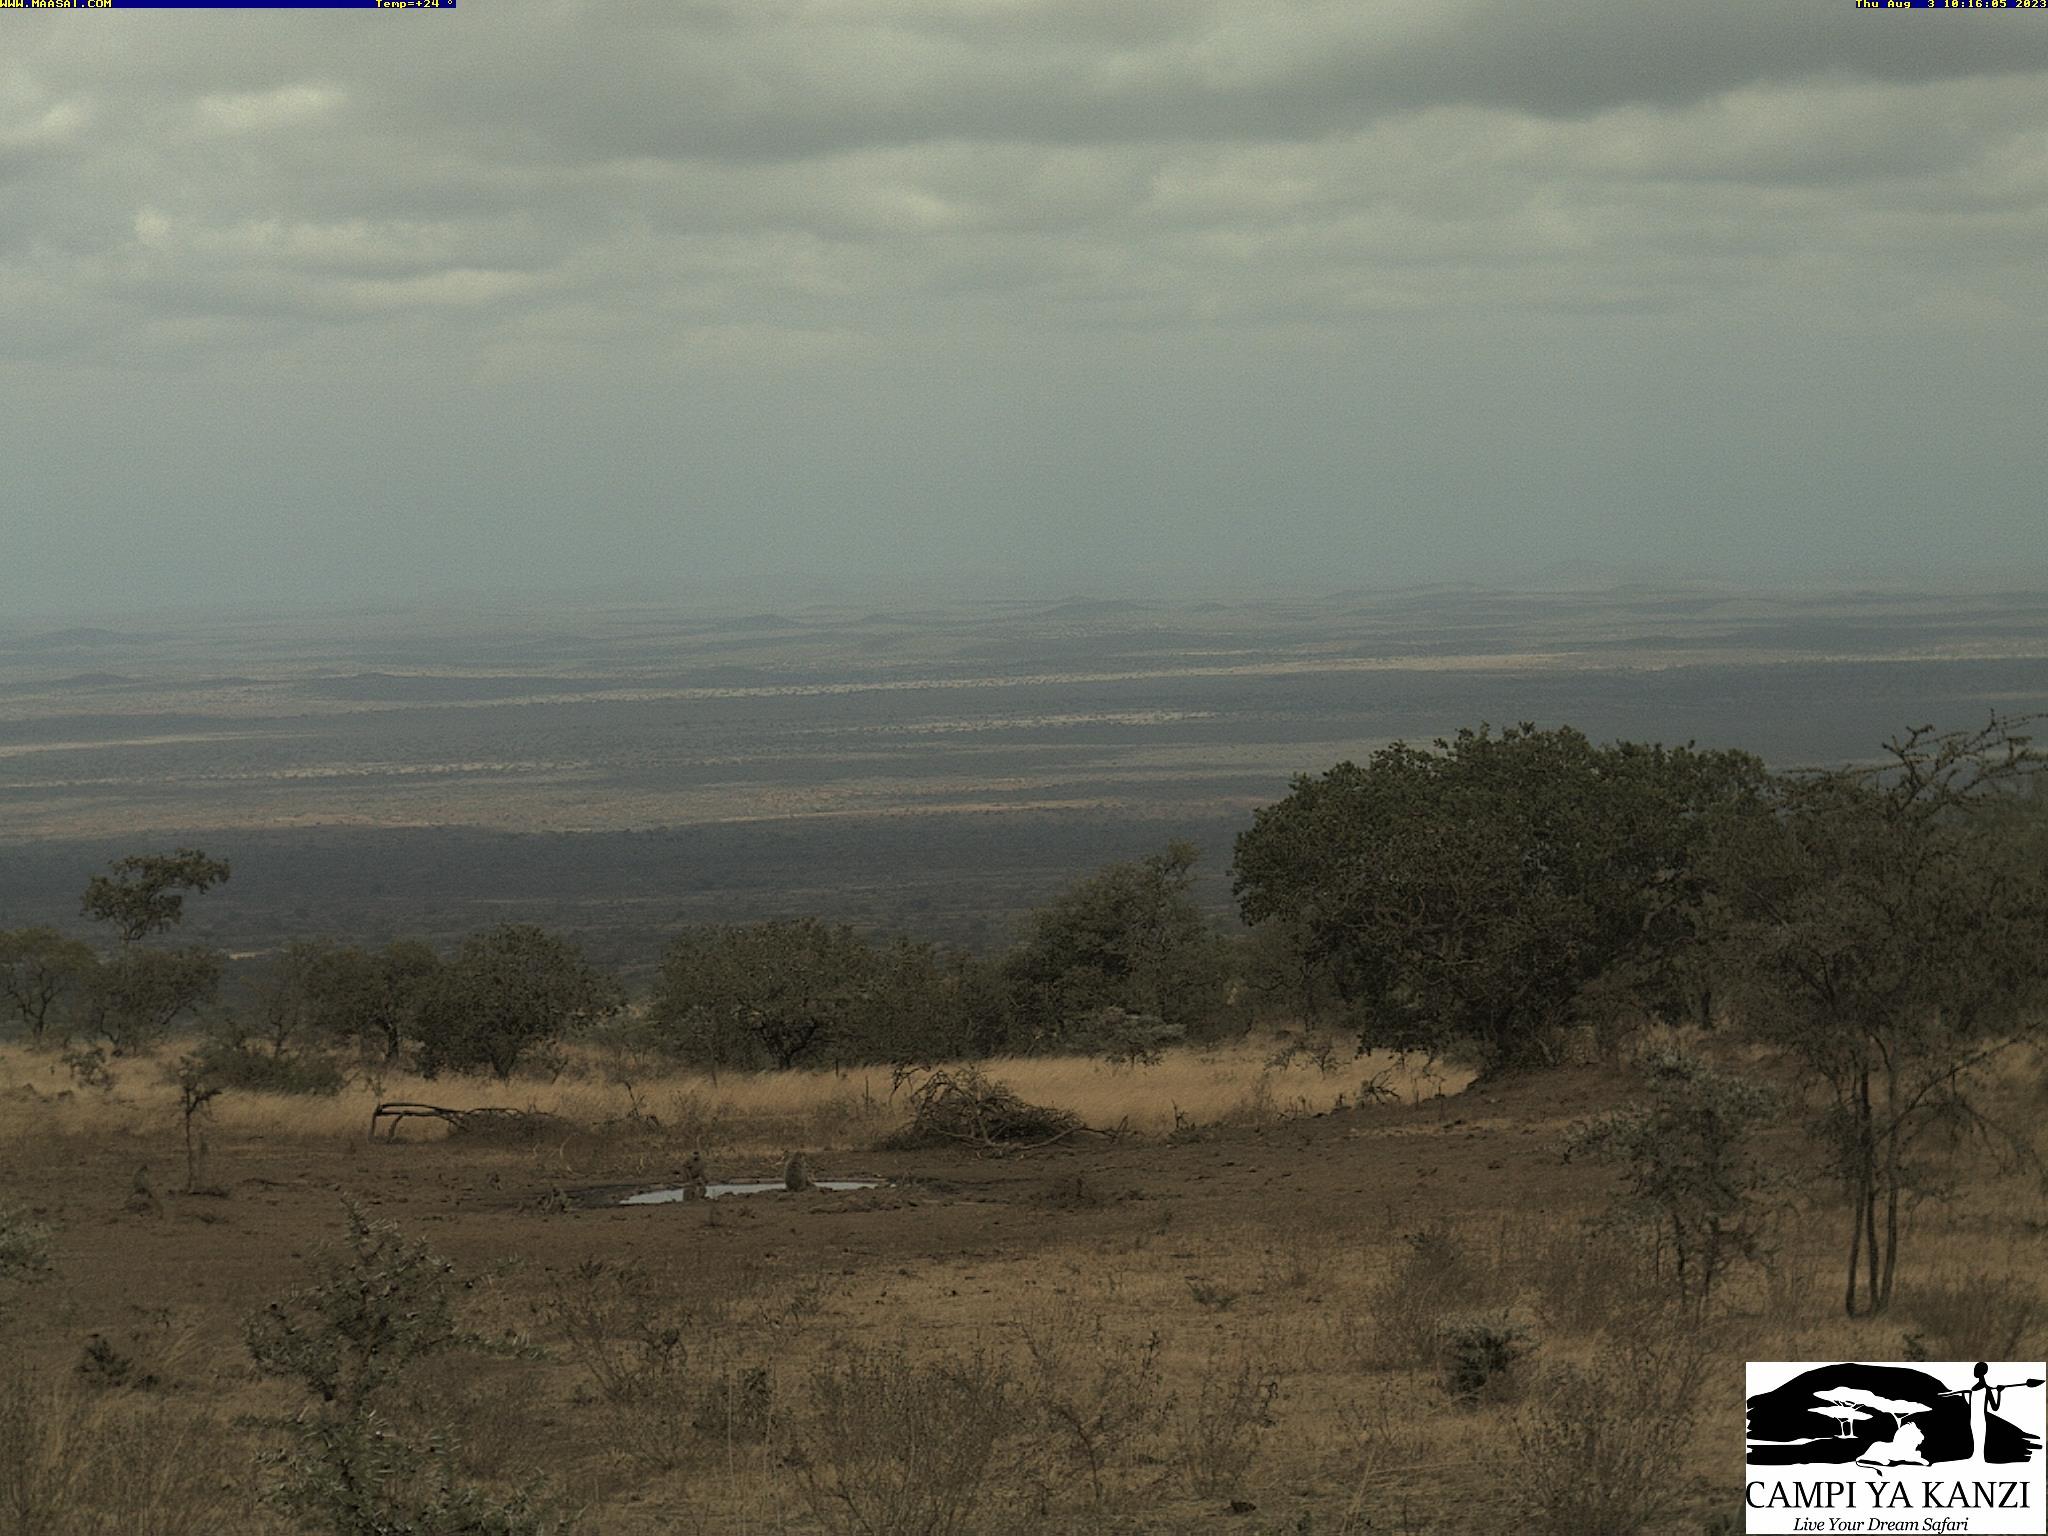 CHYULU - Kilimanjaro W